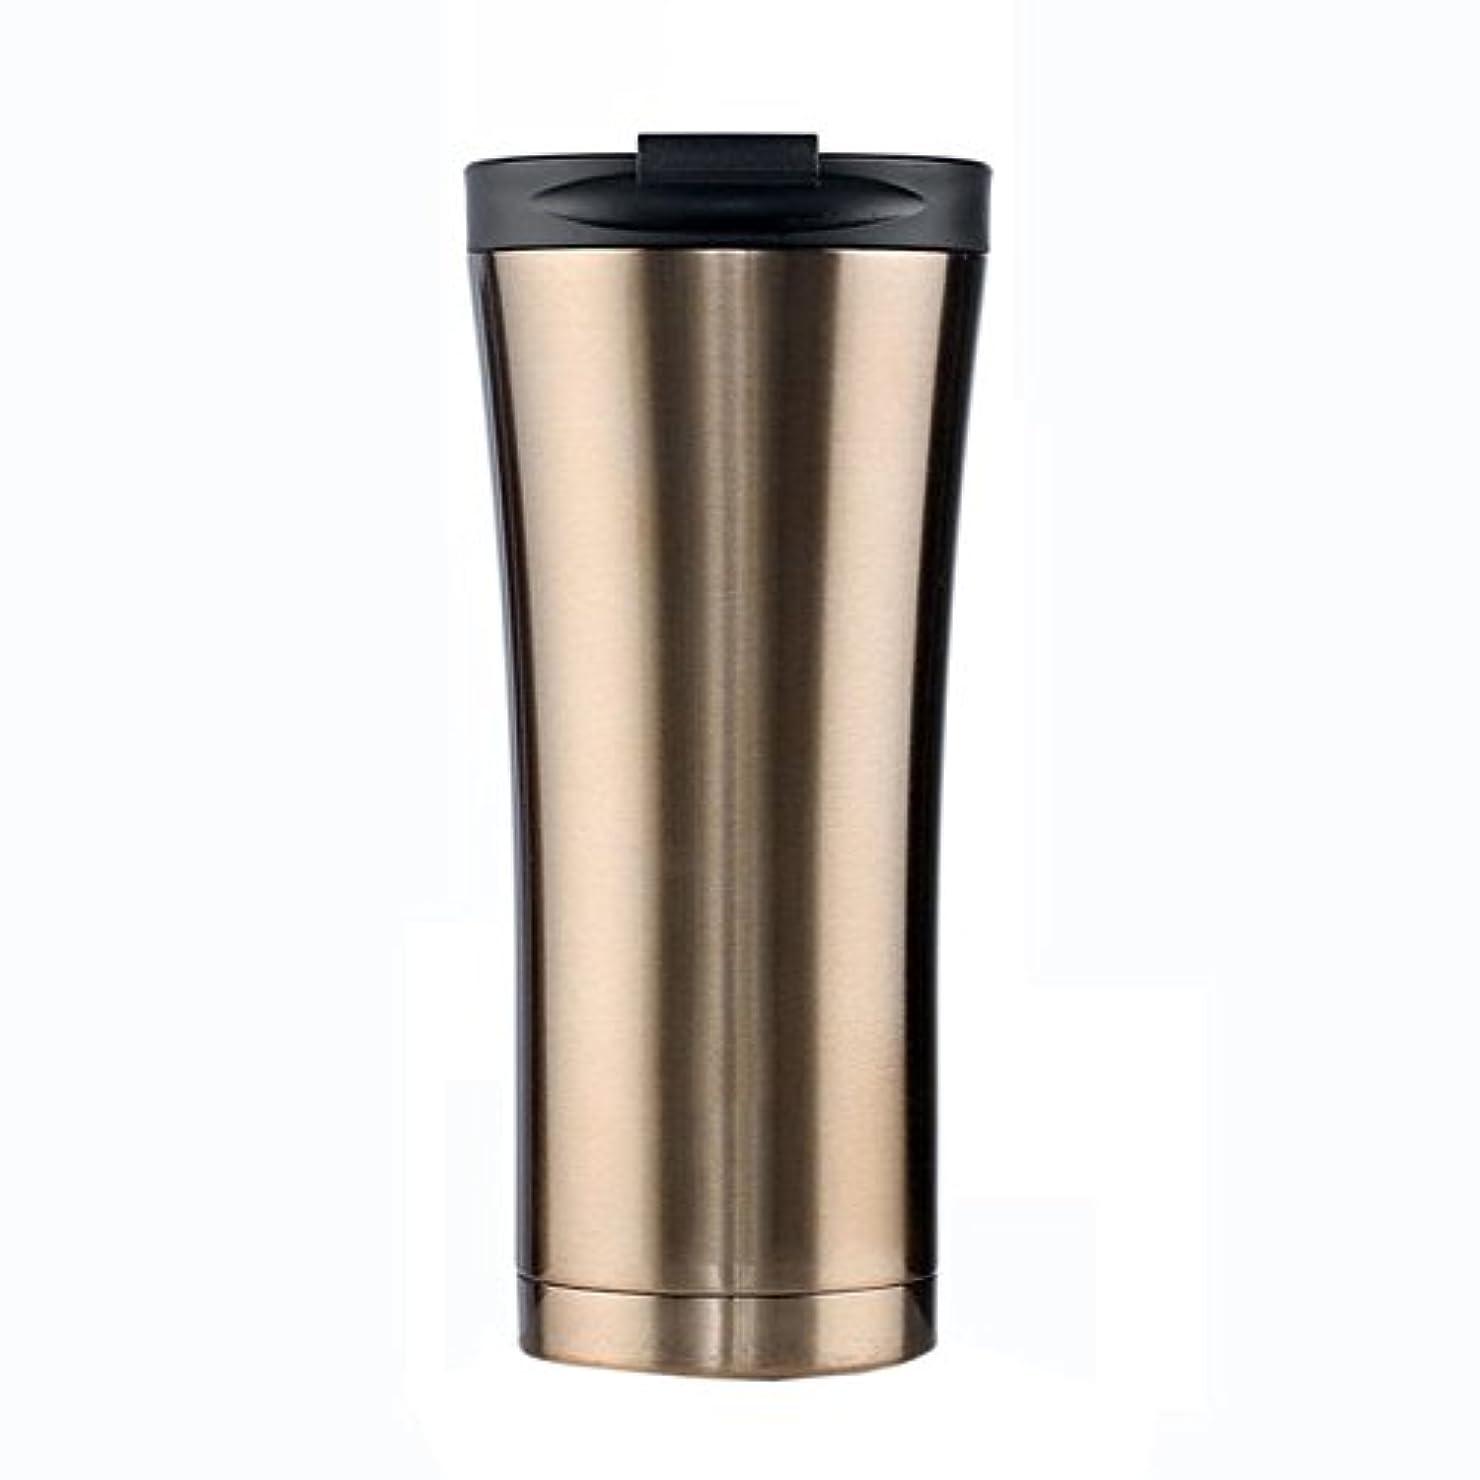 等価放棄するキャベツKiwiTwoフタ付き タンブラー ステンレス ボトル 500ml 真空 耐熱 マグボトル 真空2重構造 マイボトル 持ち運びに便利 スタイリッシュ な スリムボトル 魔法瓶 保温 保冷